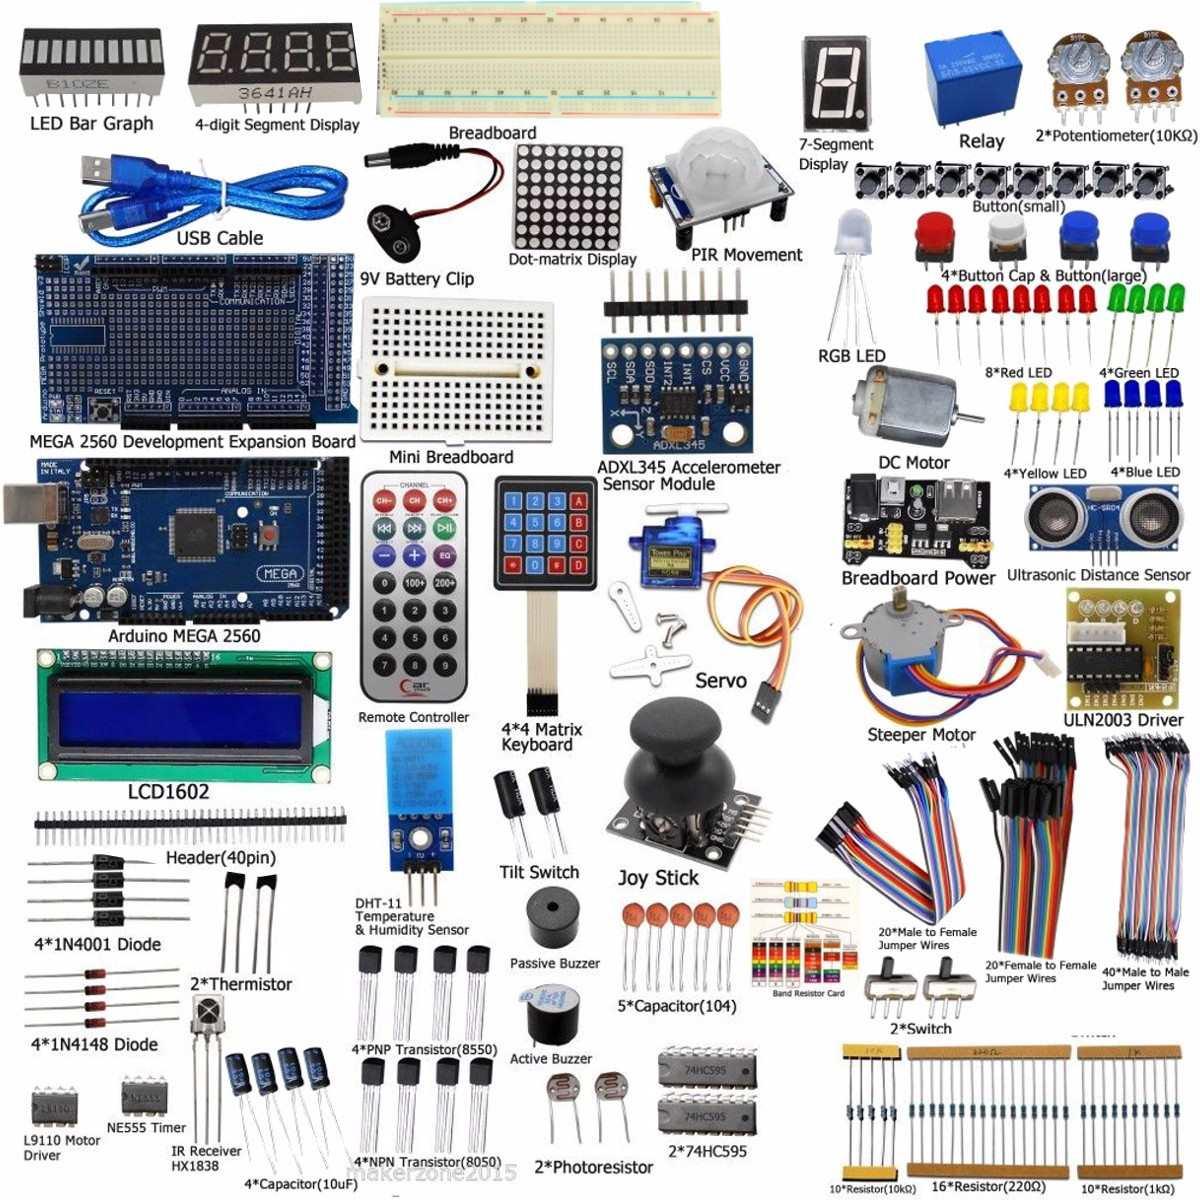 Новый DIY электрический блок Ultimate Starter Kit для Arduino MEGA 2560 1602 ЖК Дисплей Servo светодио дный LED реле RTC электронный комплект